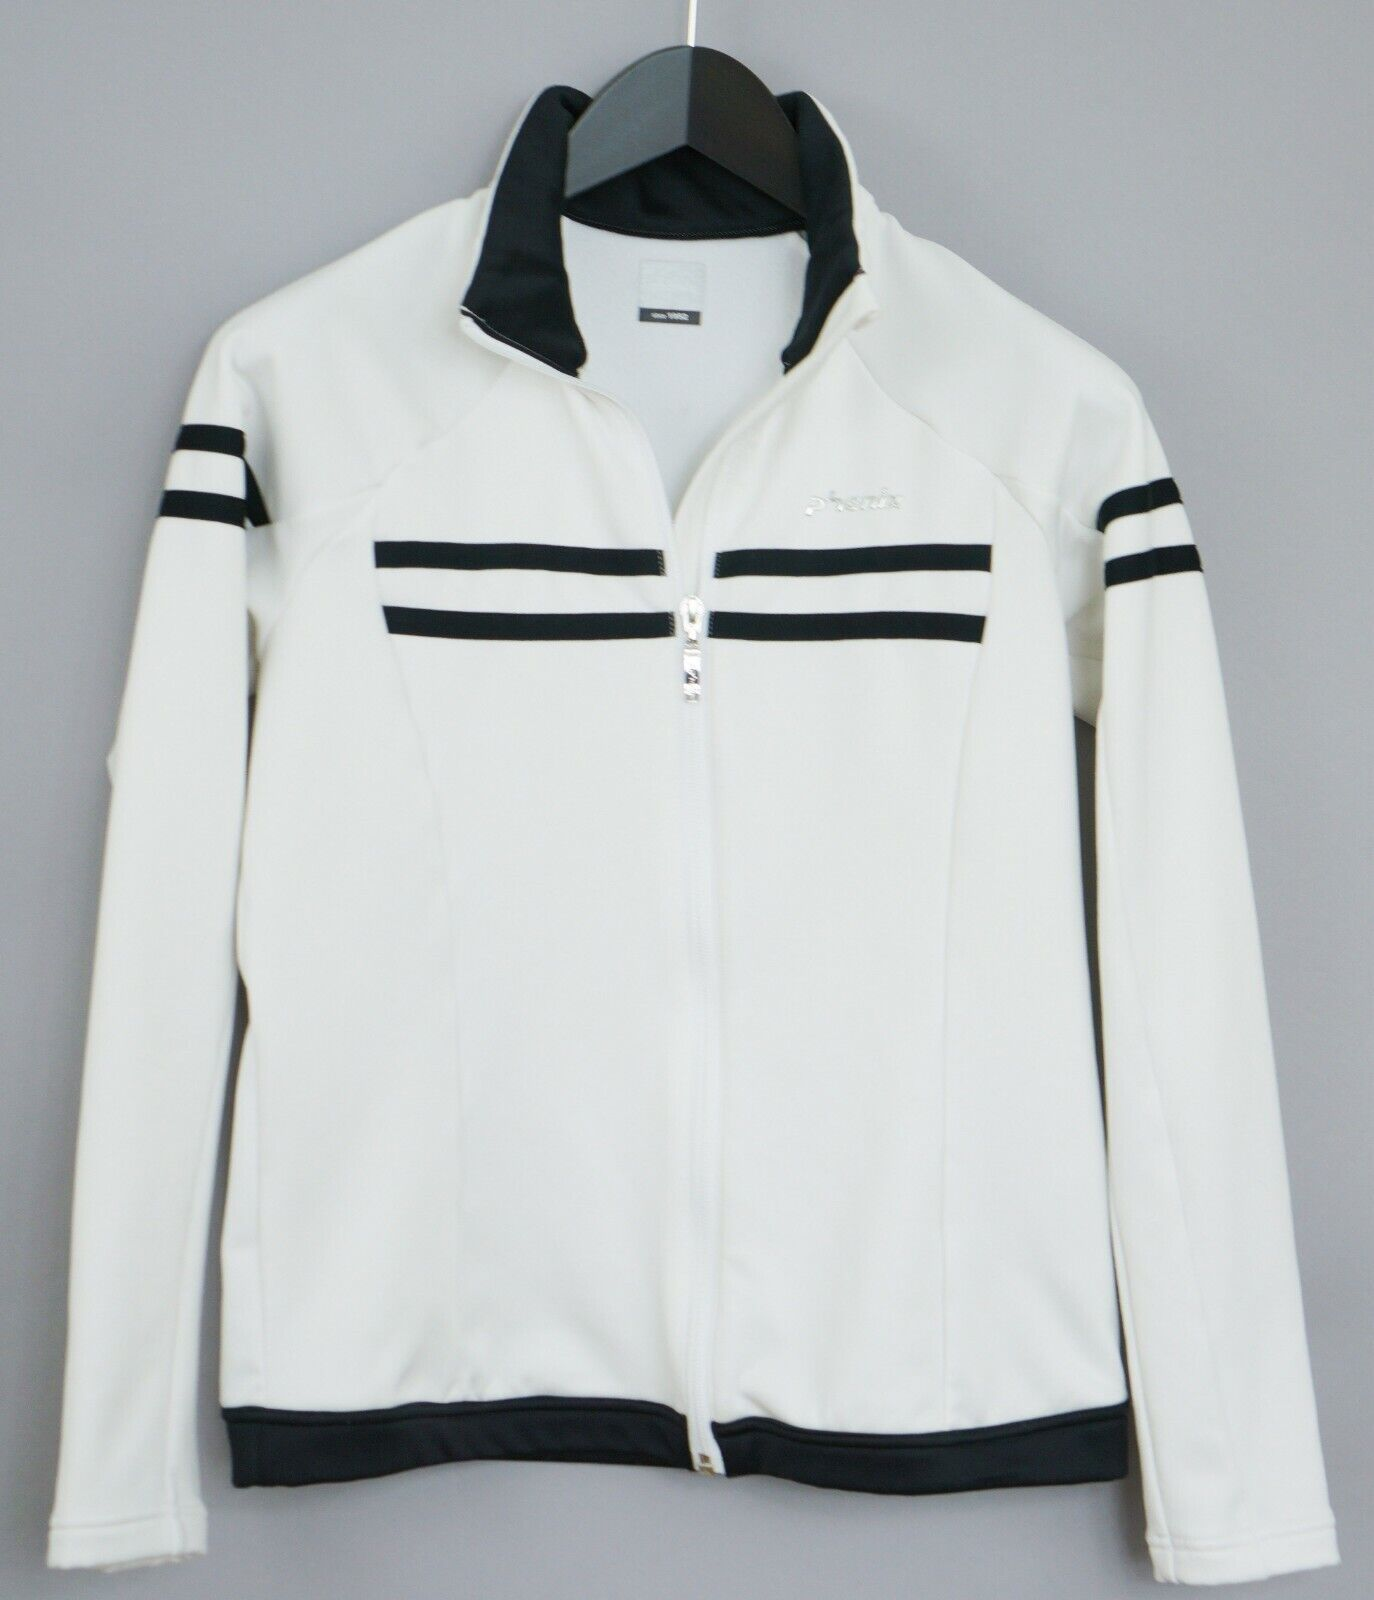 Détails sur Femme Phenix Piste Veste de Sport Vêtements Blanc Fermeture avant S UK10 XKM863